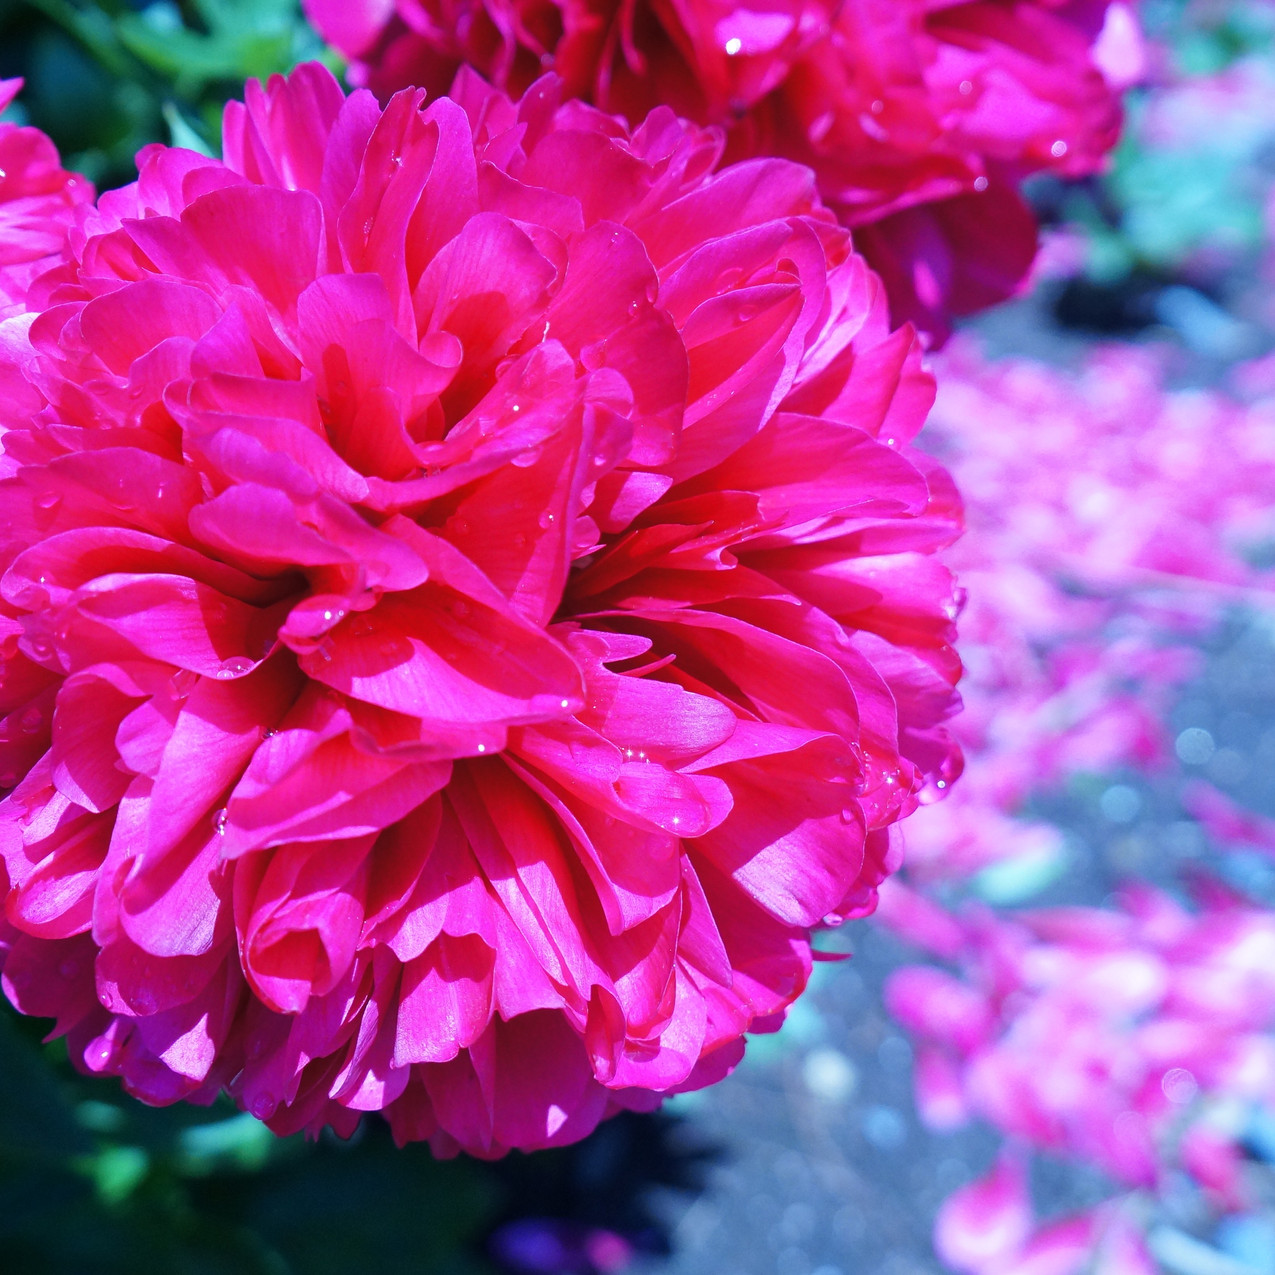 落ちた花びらも綺麗